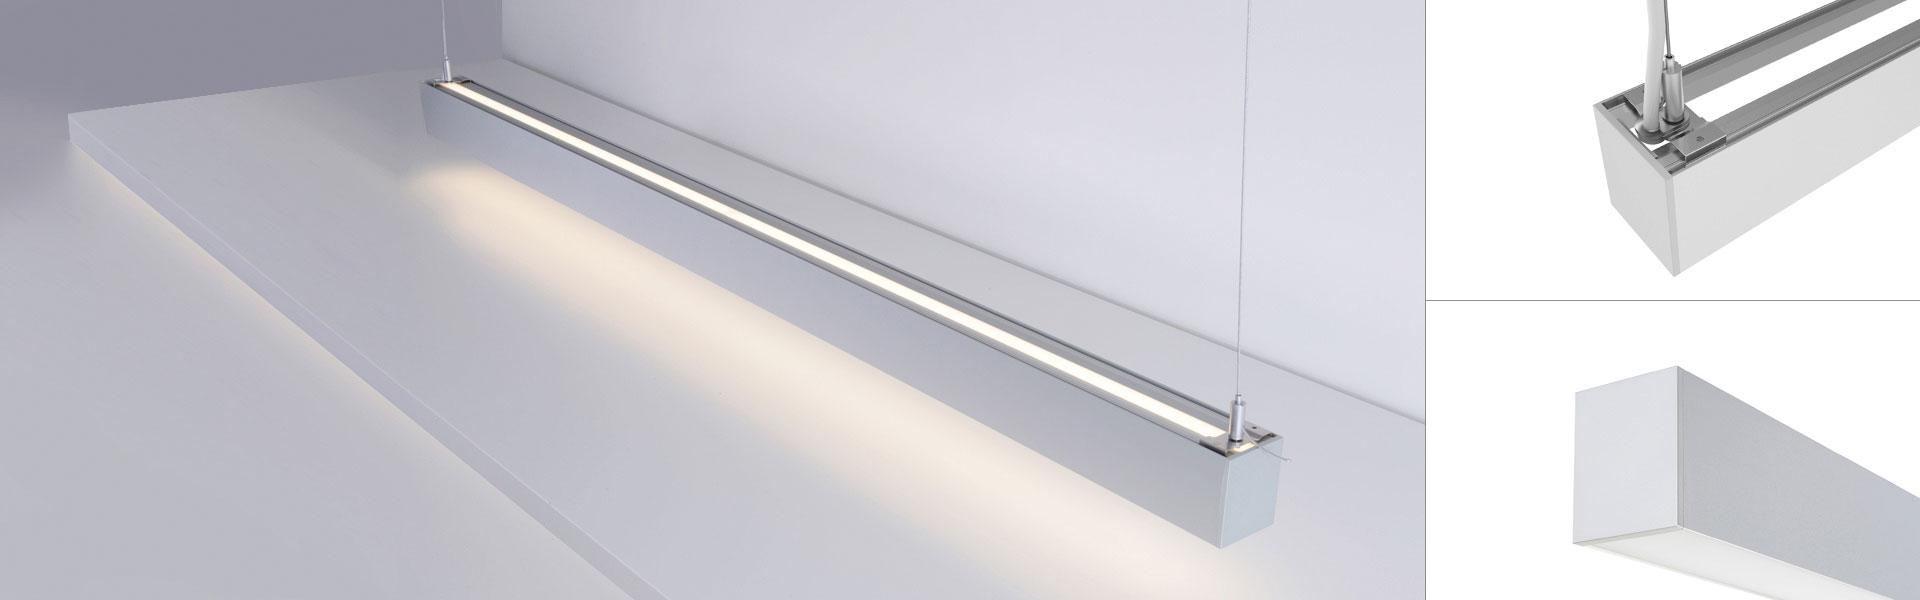 iLine die LED Pendelleuchte direkt indirekt Anwendung